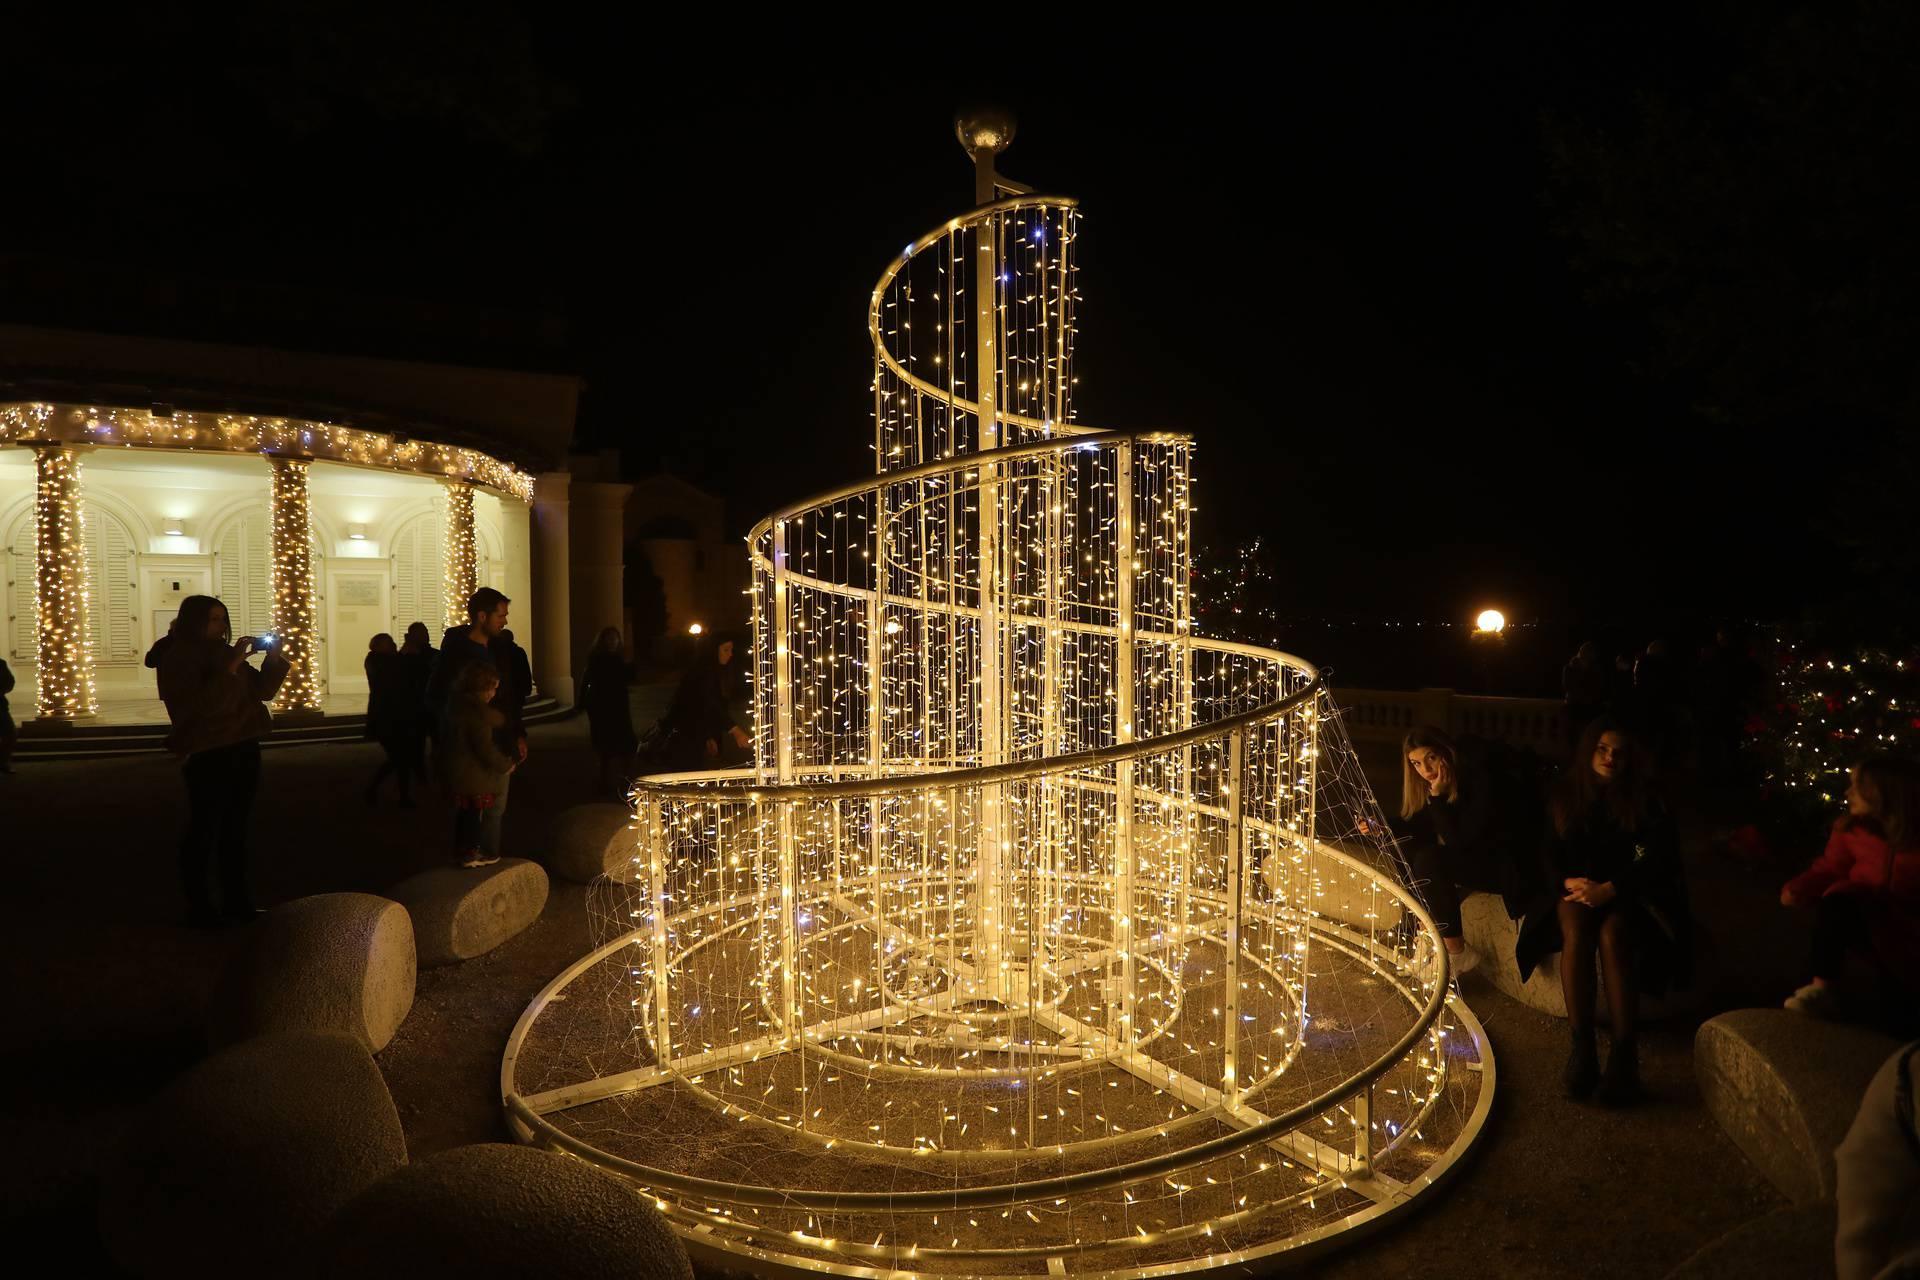 Opatijski Advent počeo paljenjem prve adventske svijeće i raskošne, nikad bogatije blagdanske rasvjete